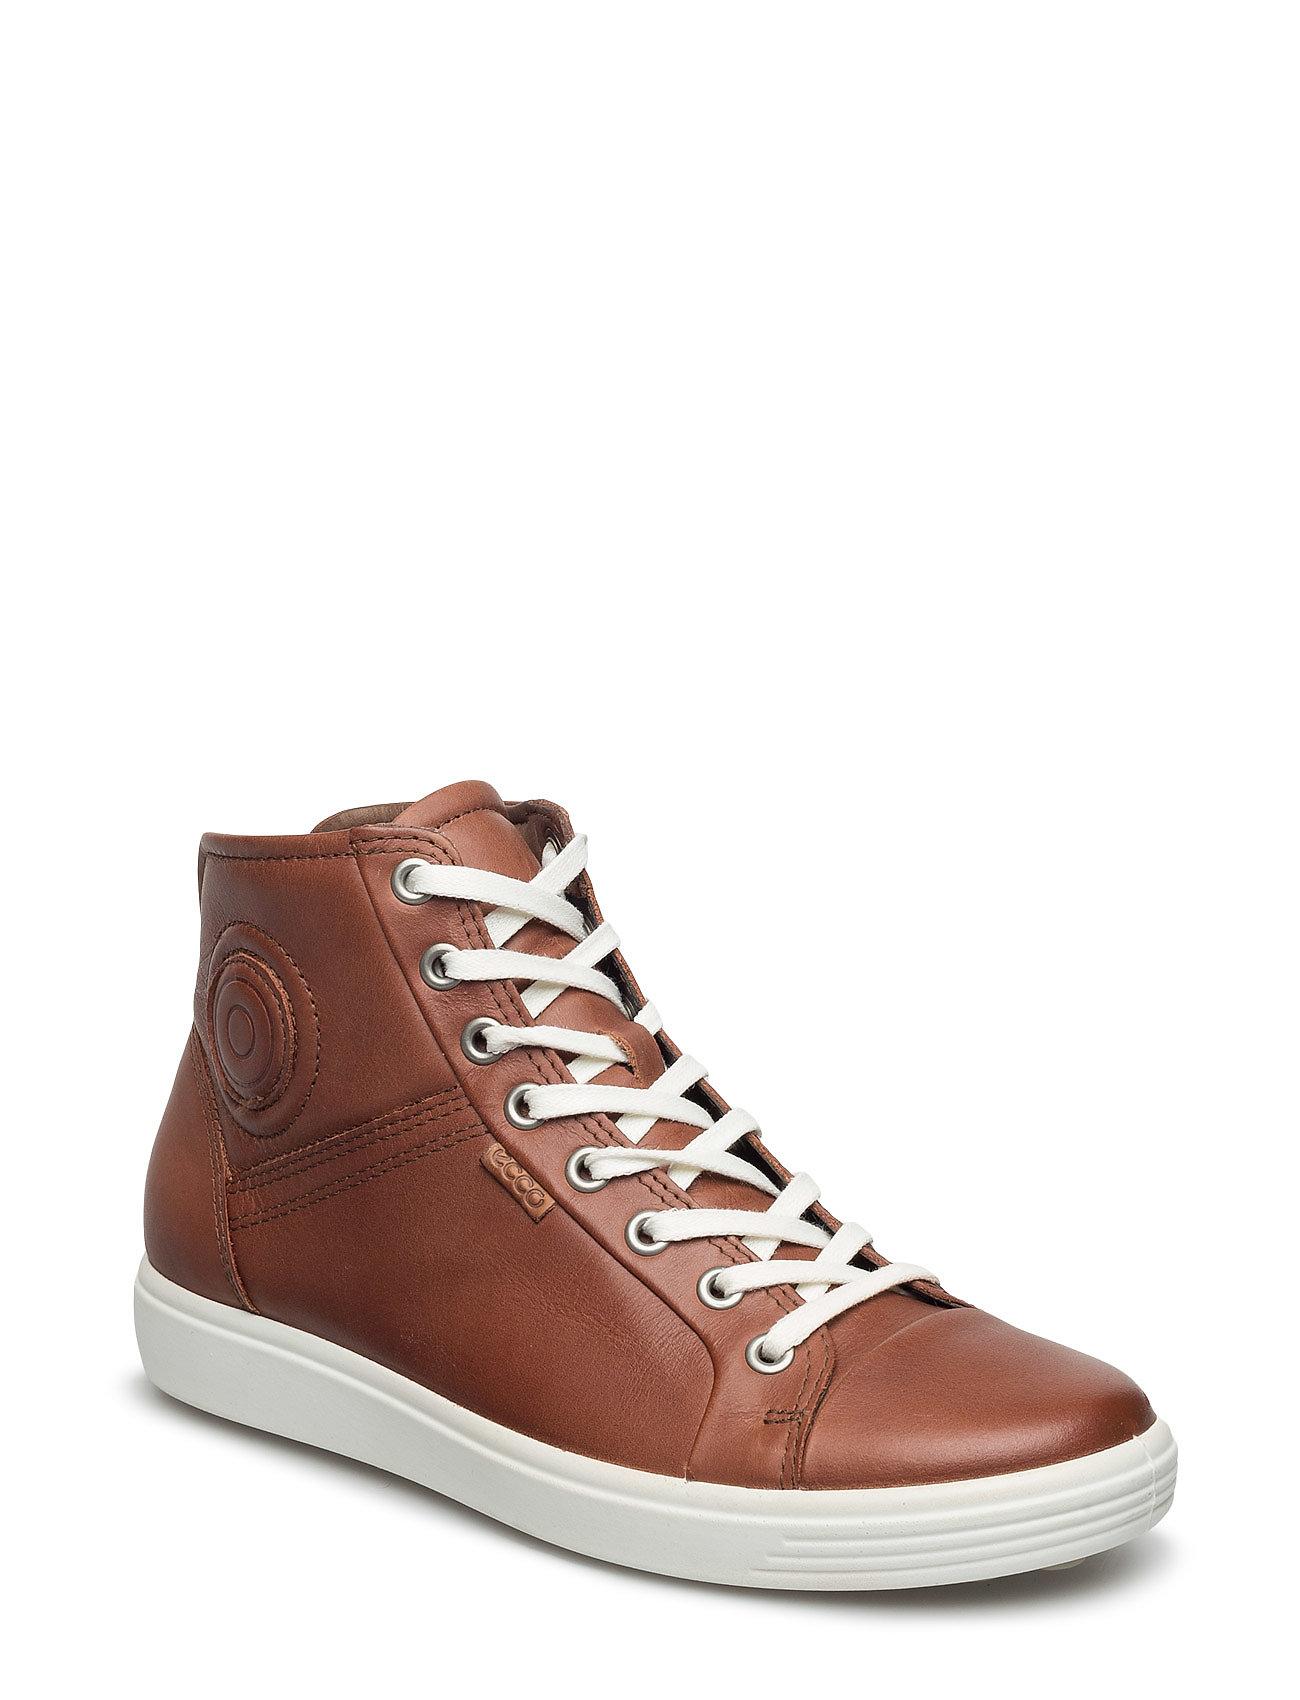 Soft 7 Ladies ECCO Sneakers til Kvinder i hvid